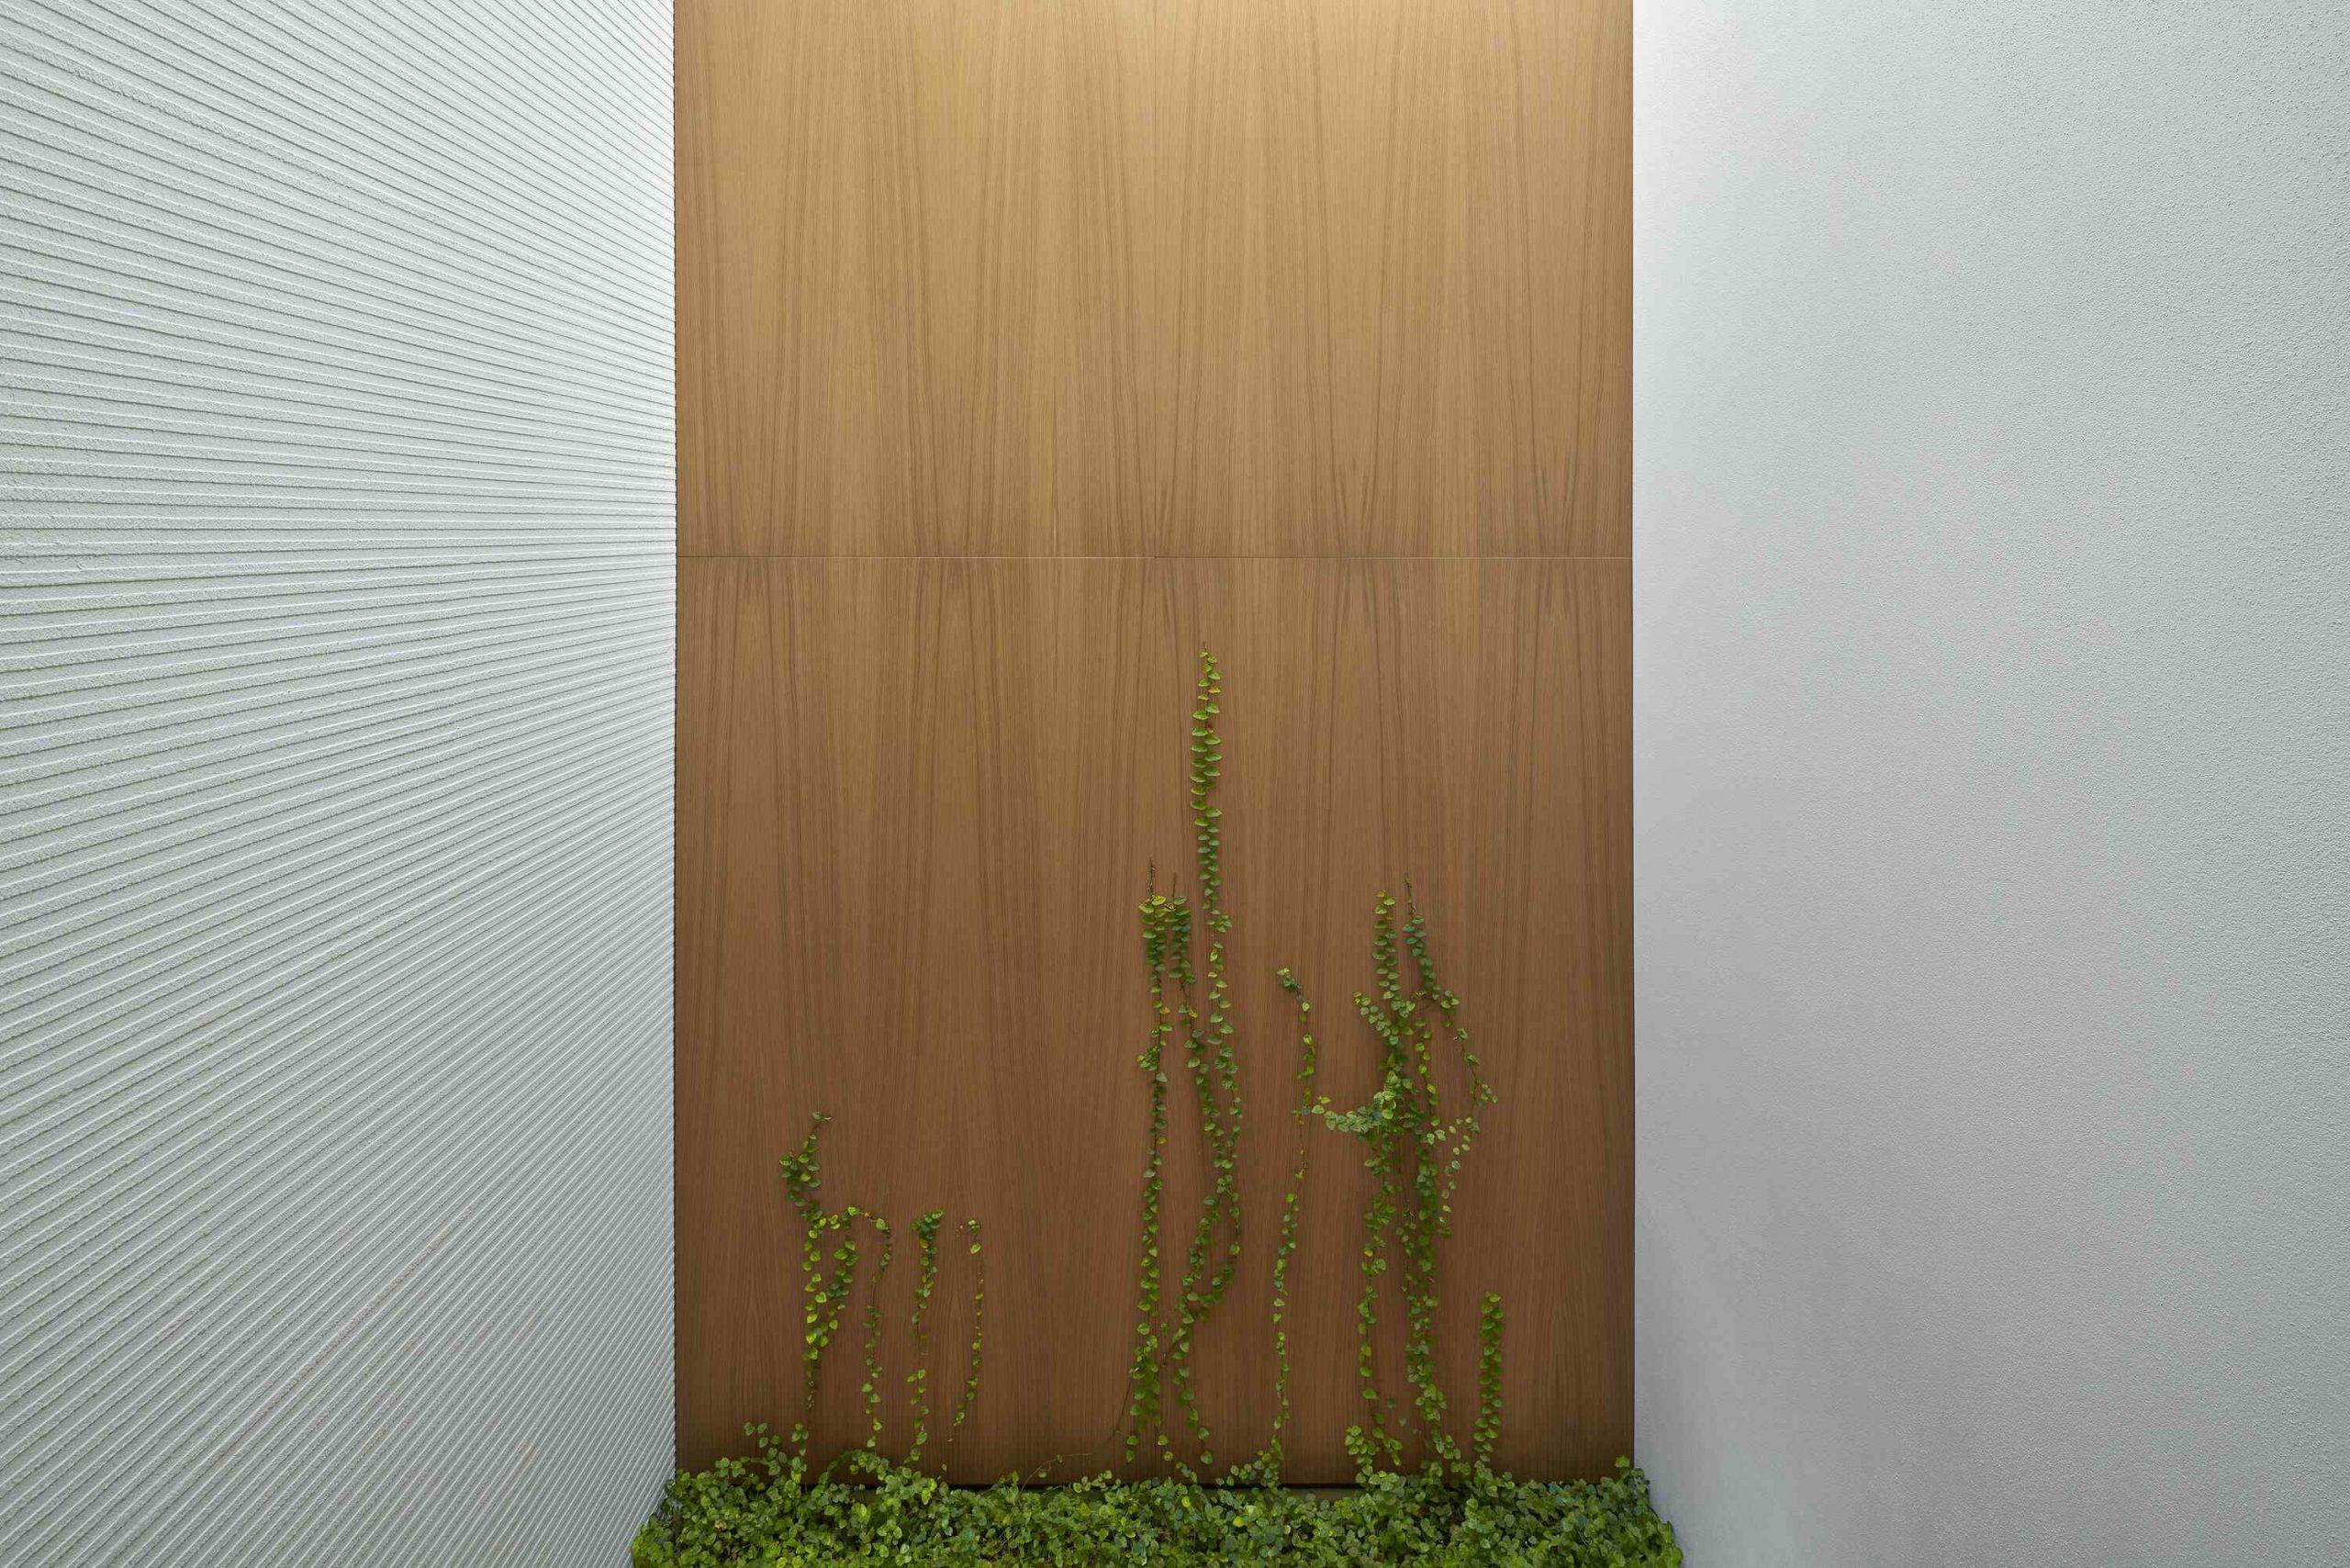 Drevená stena s ťahavou rastlinou